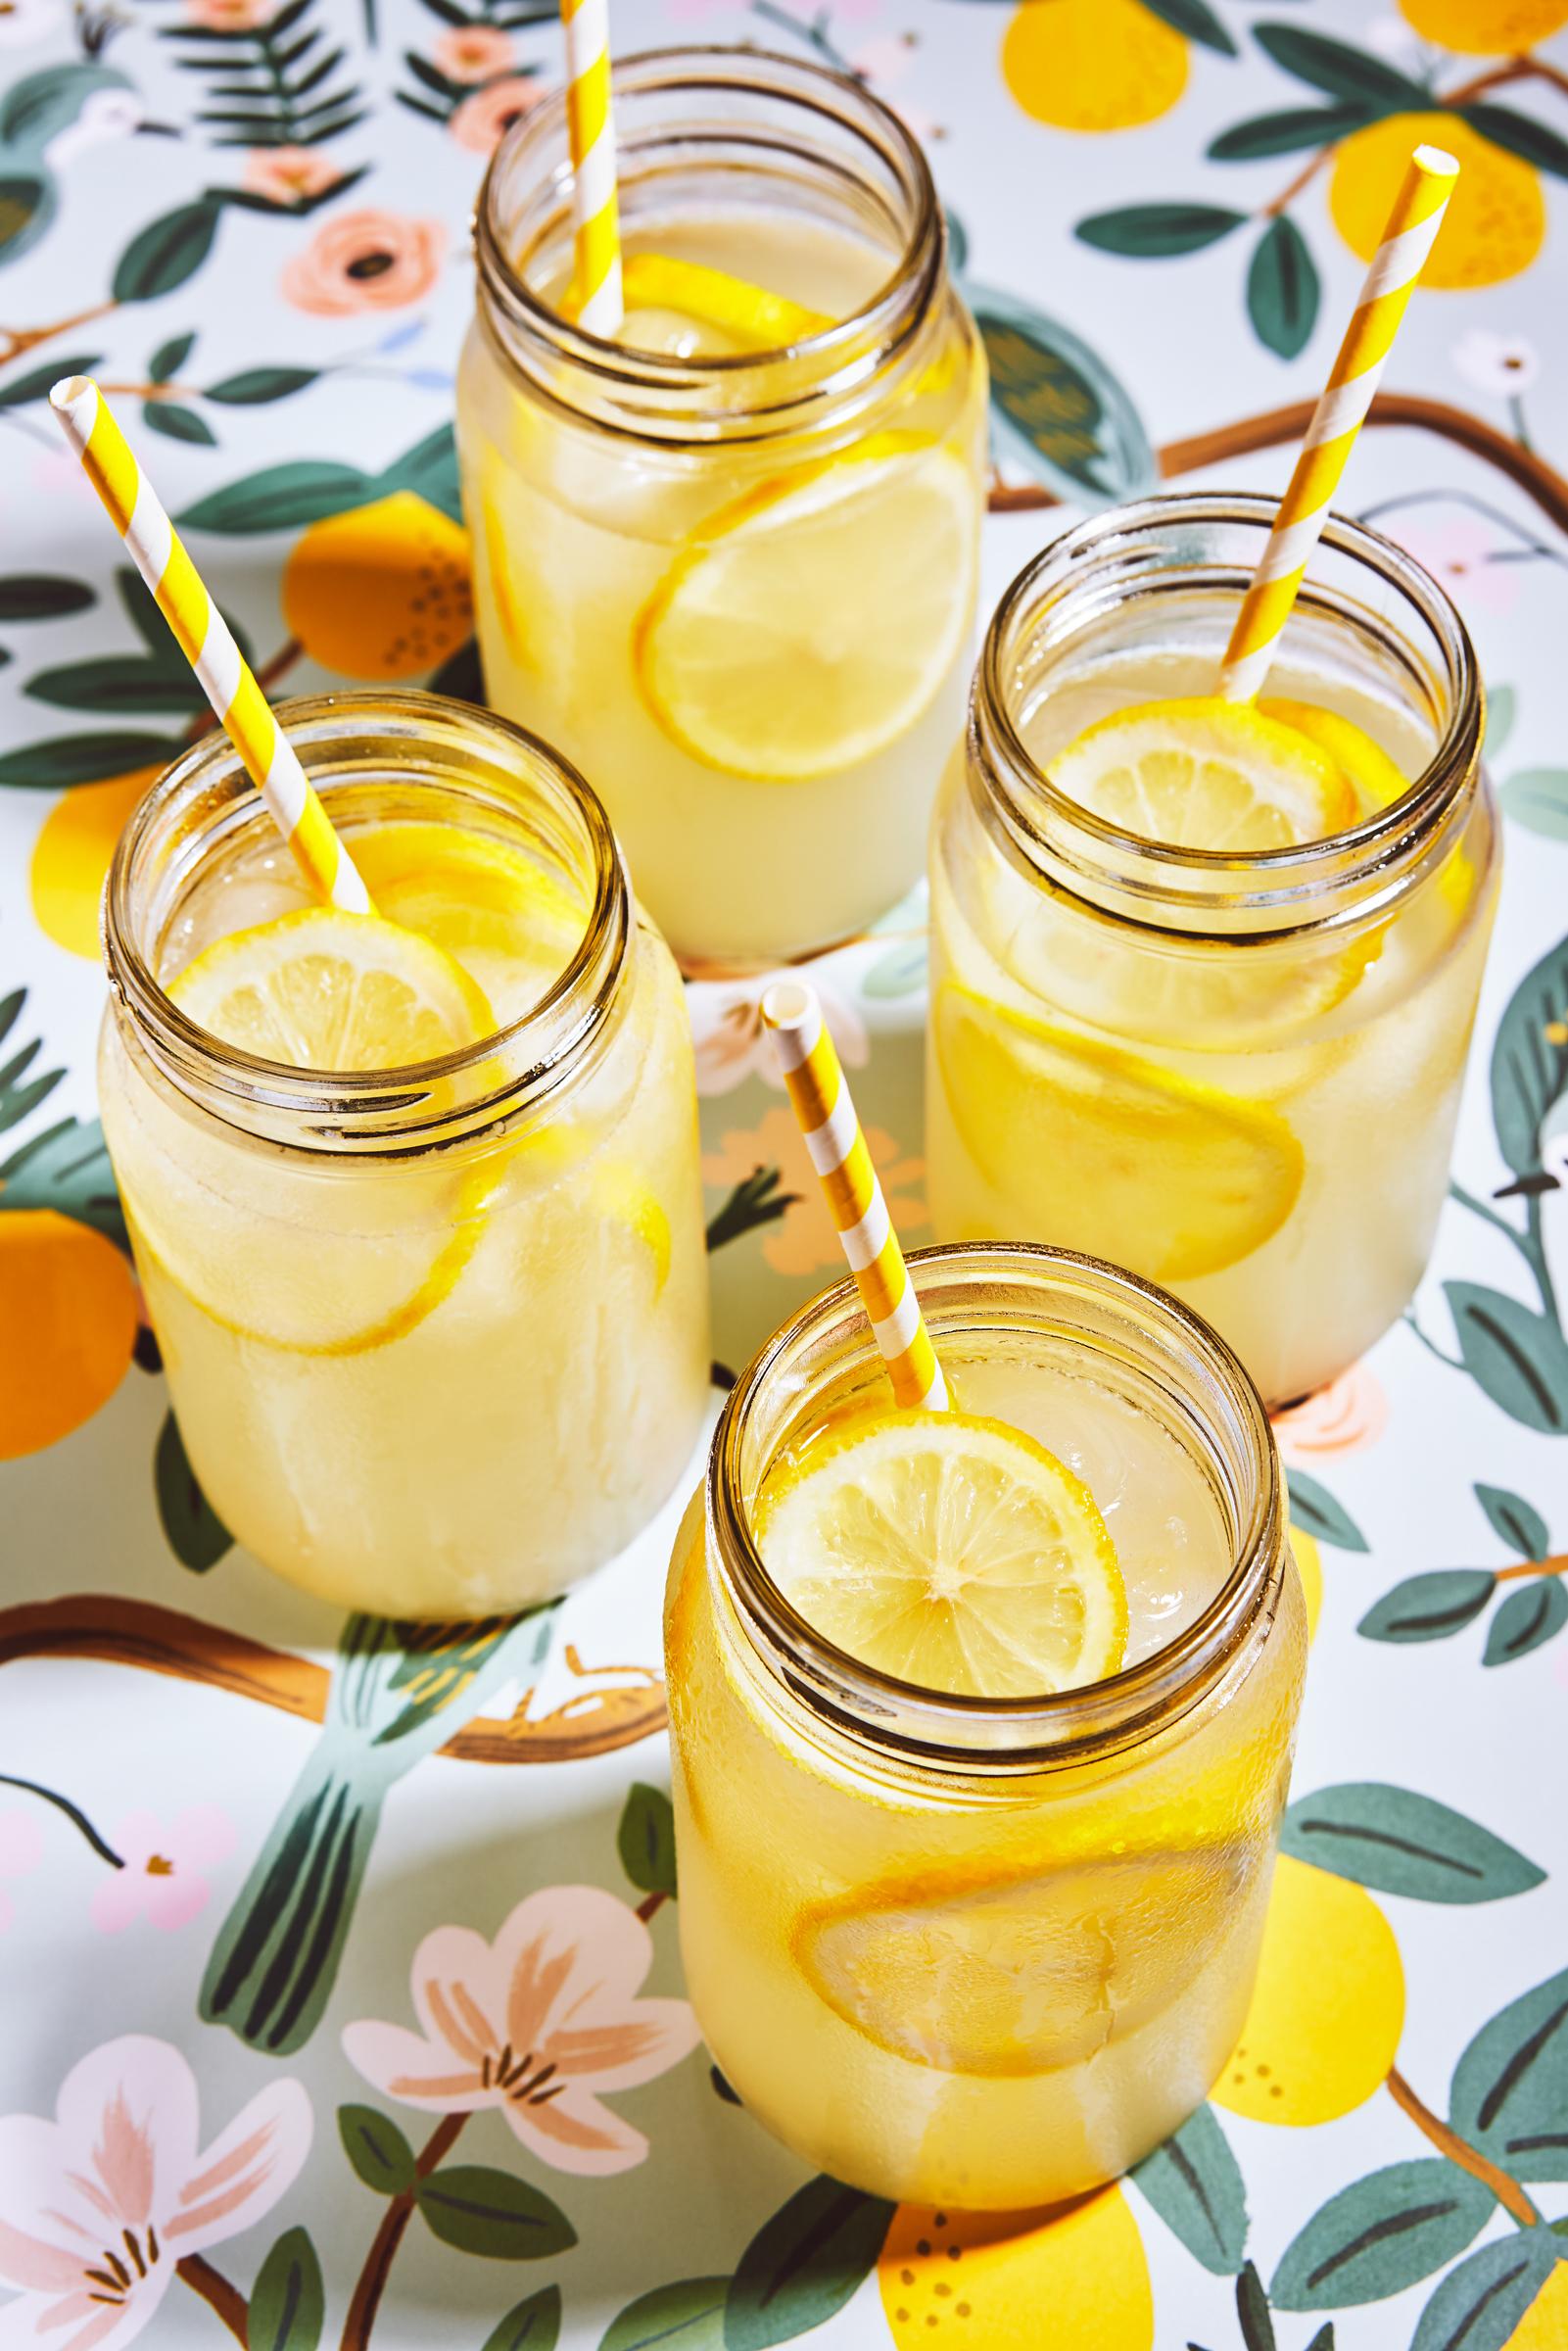 deepi-ahluwalia-summer-drinks-1.jpg